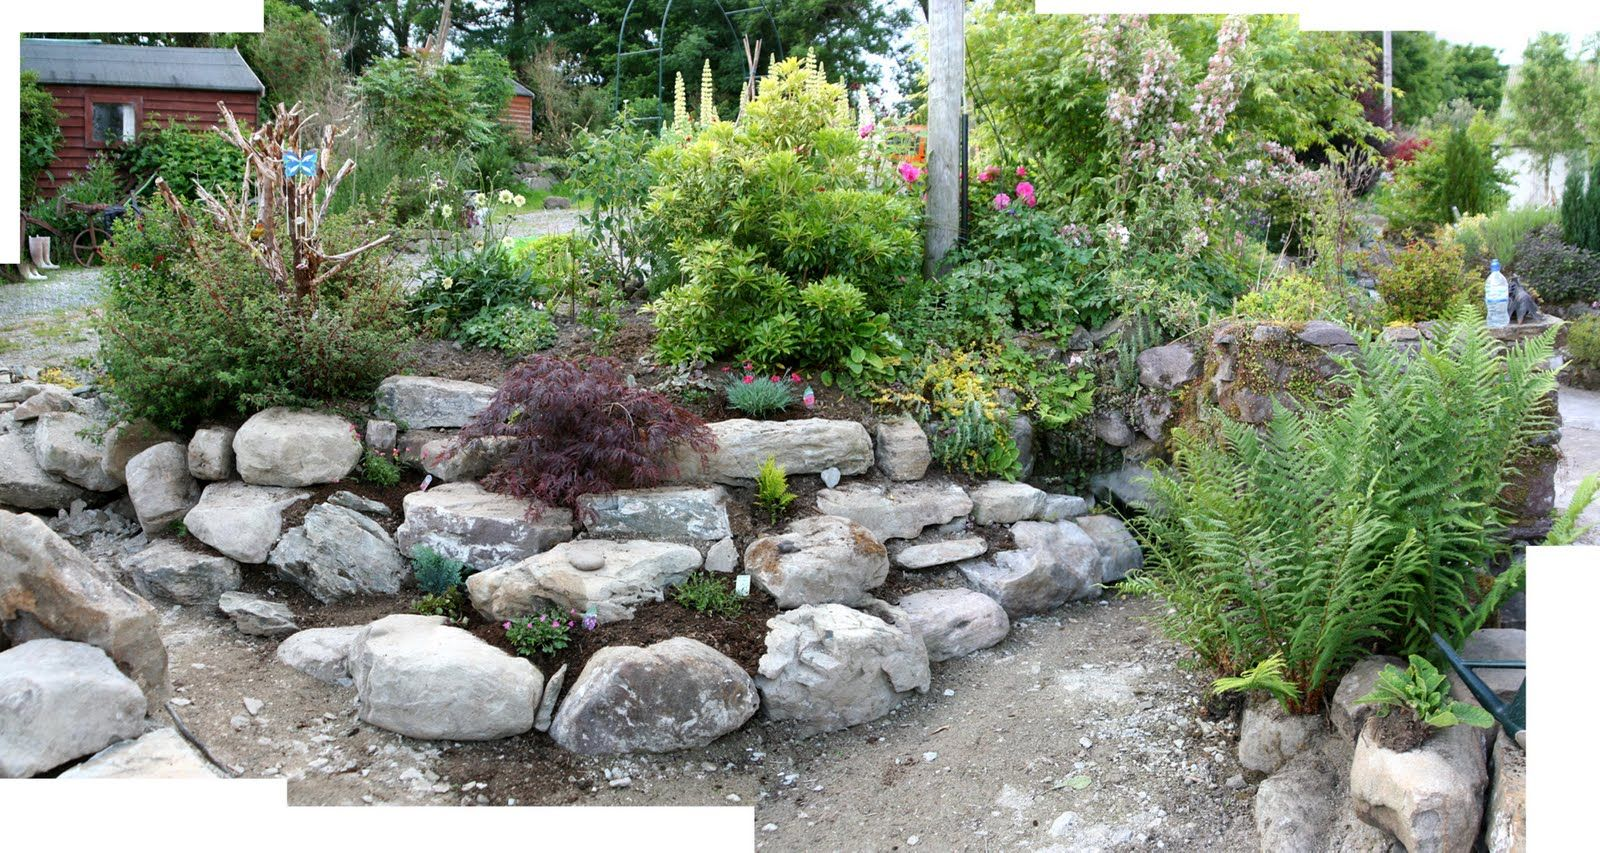 Crafty Garden Ideas | garden rockery ideas - bt the crafty gardener ...